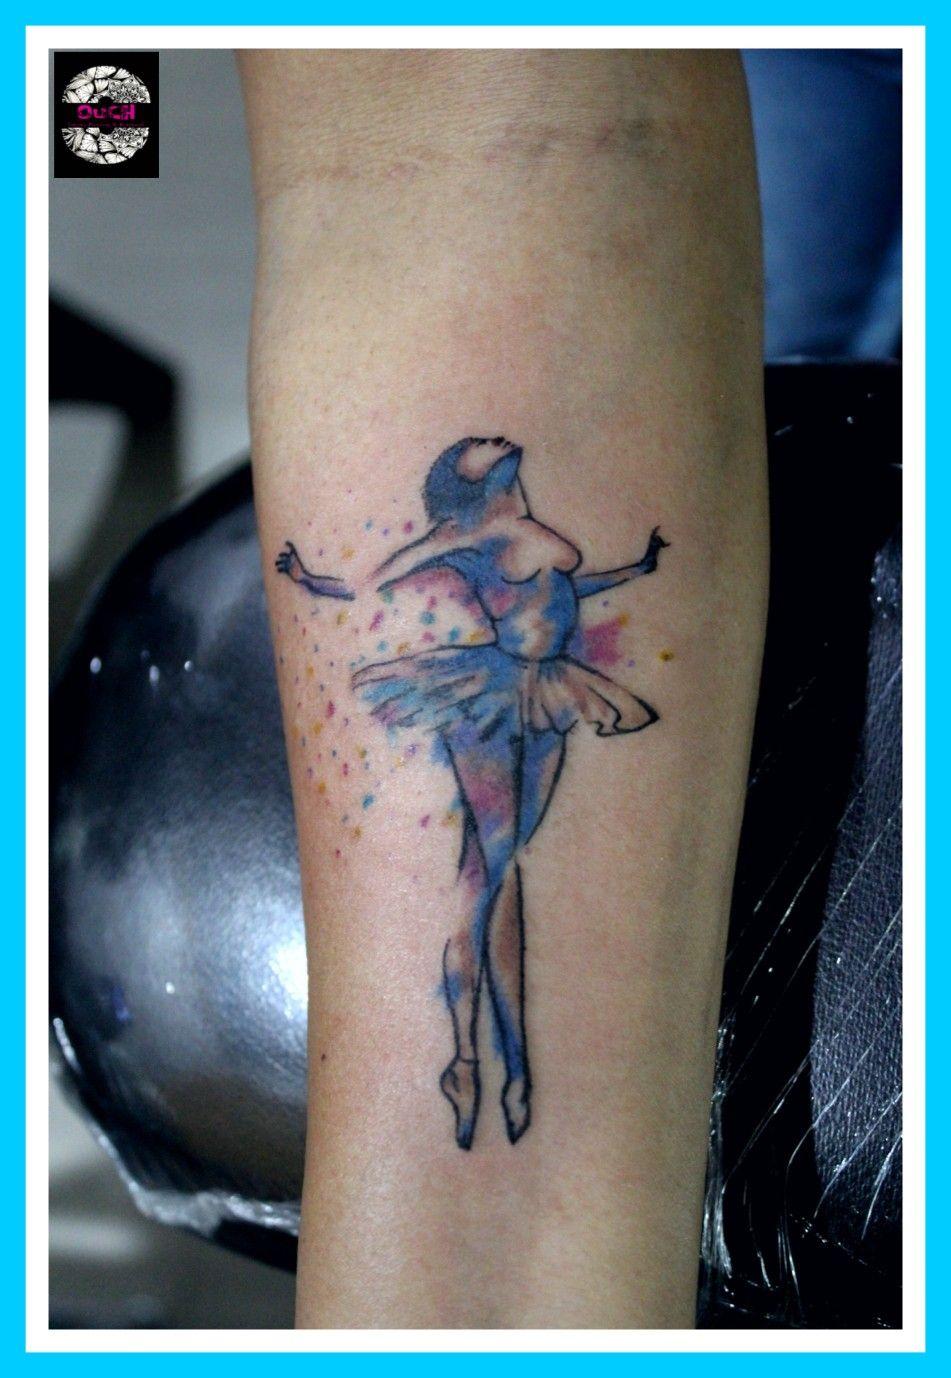 Artist shabbir Flash tattoo designs, Cover tattoo